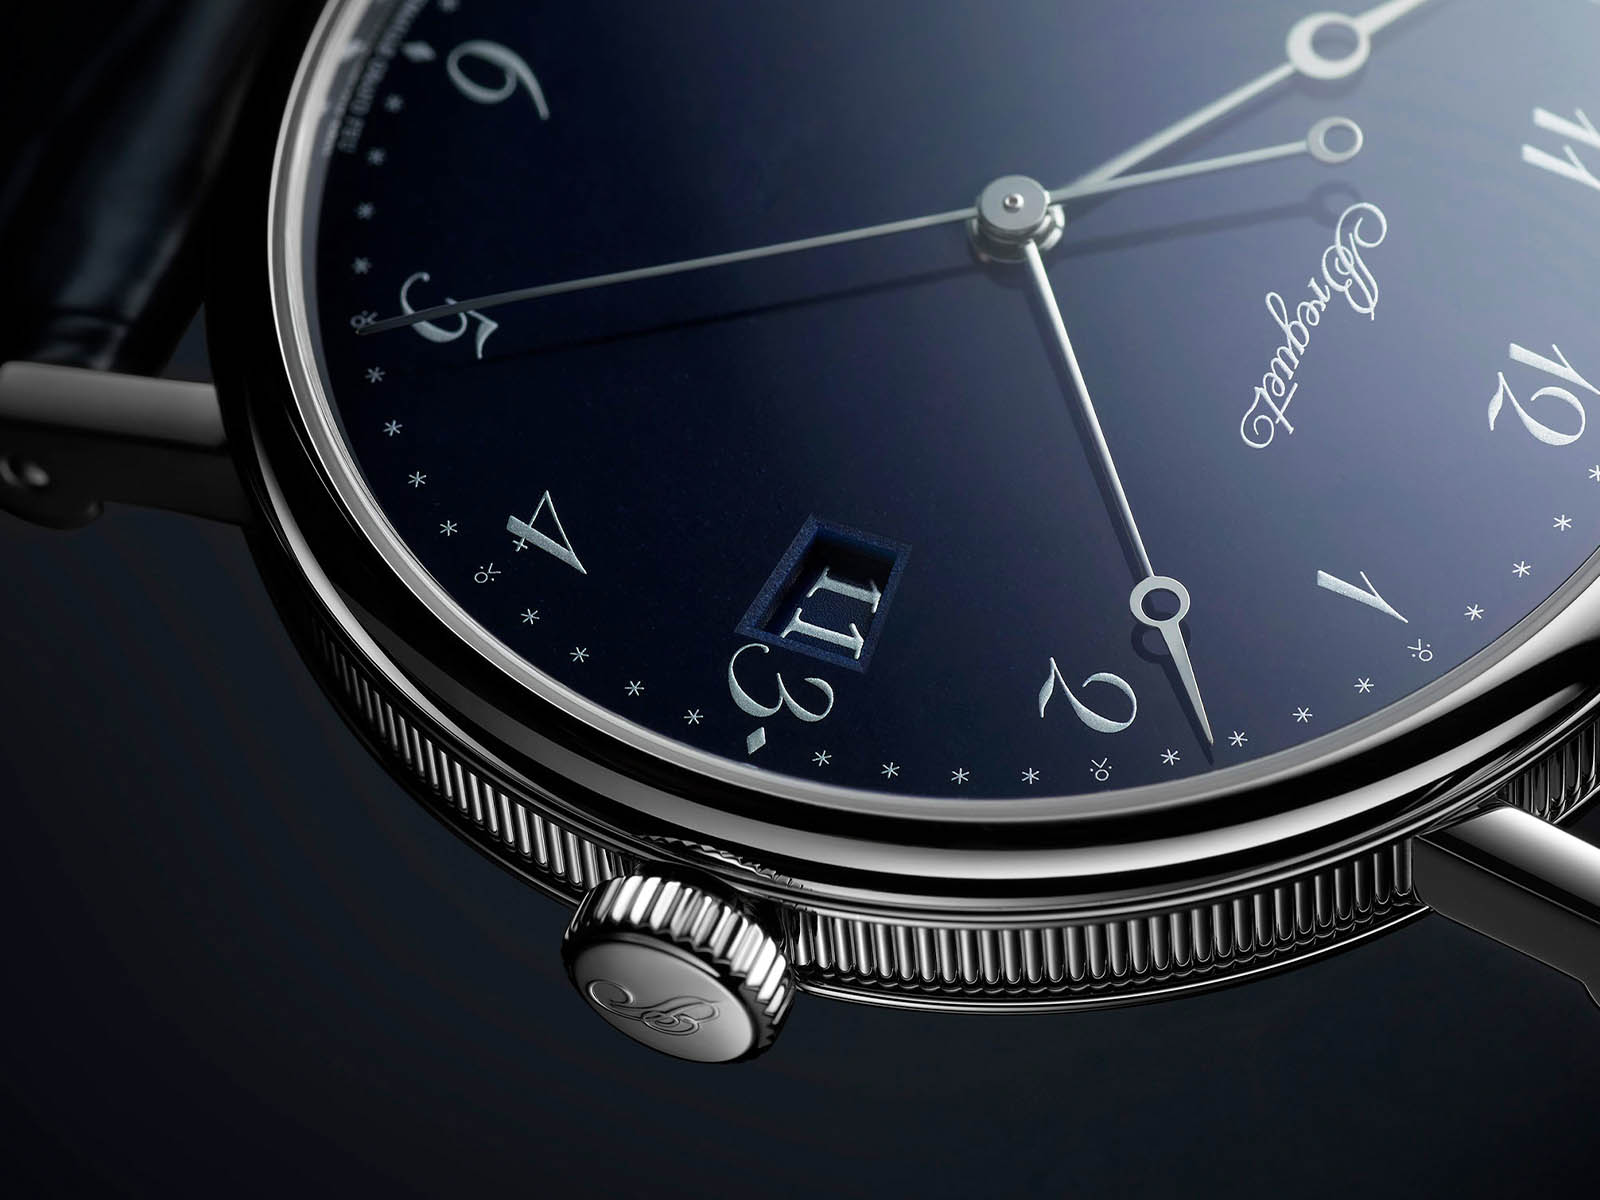 5177bb-2y-9v6-breguet-classique-5177-blue-grand-feu-enamel-5.jpg